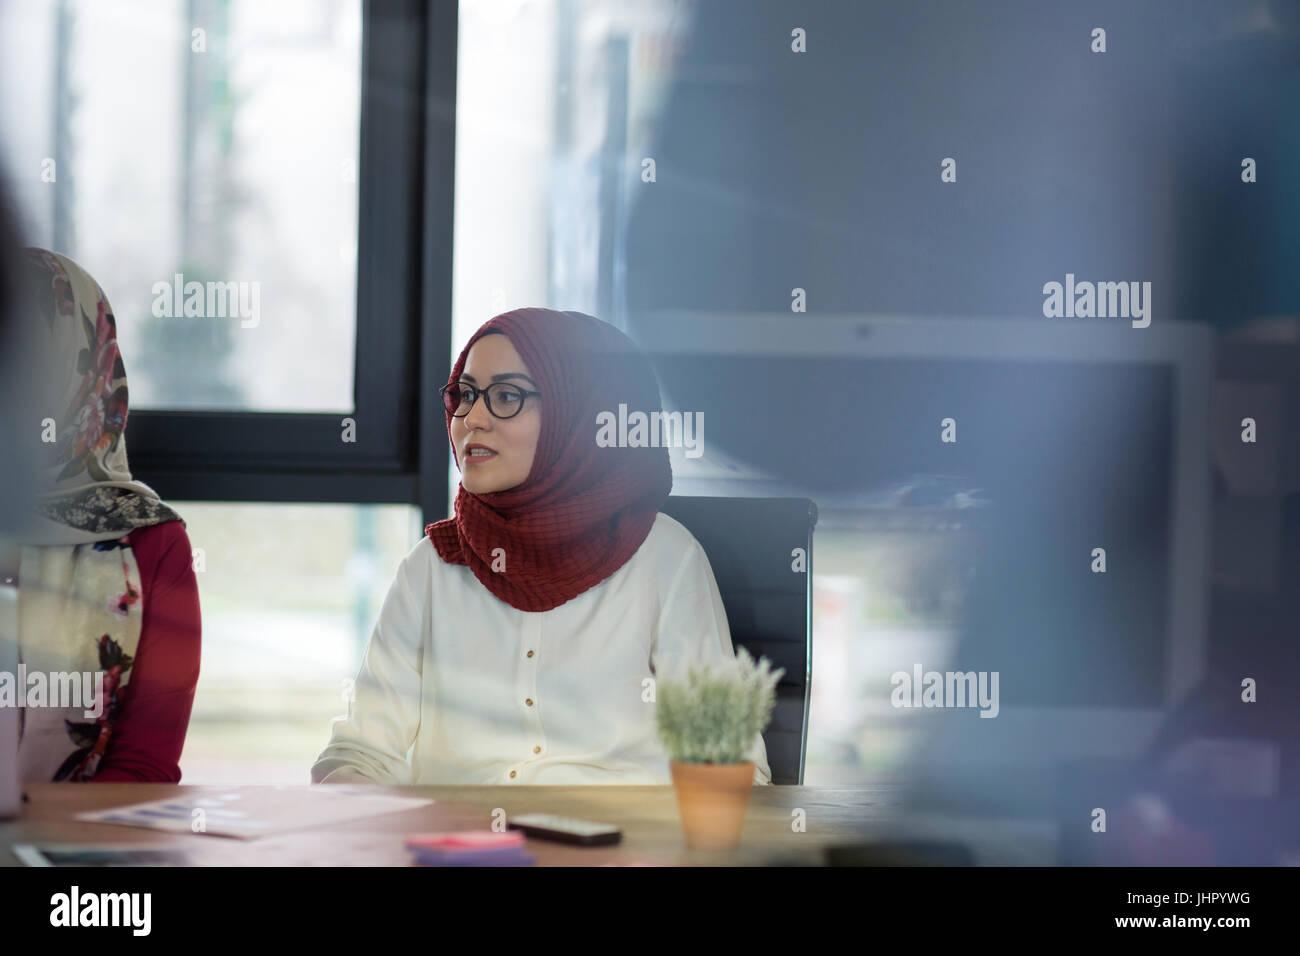 Belle femme arabe portant le hijab de la communication avec ses